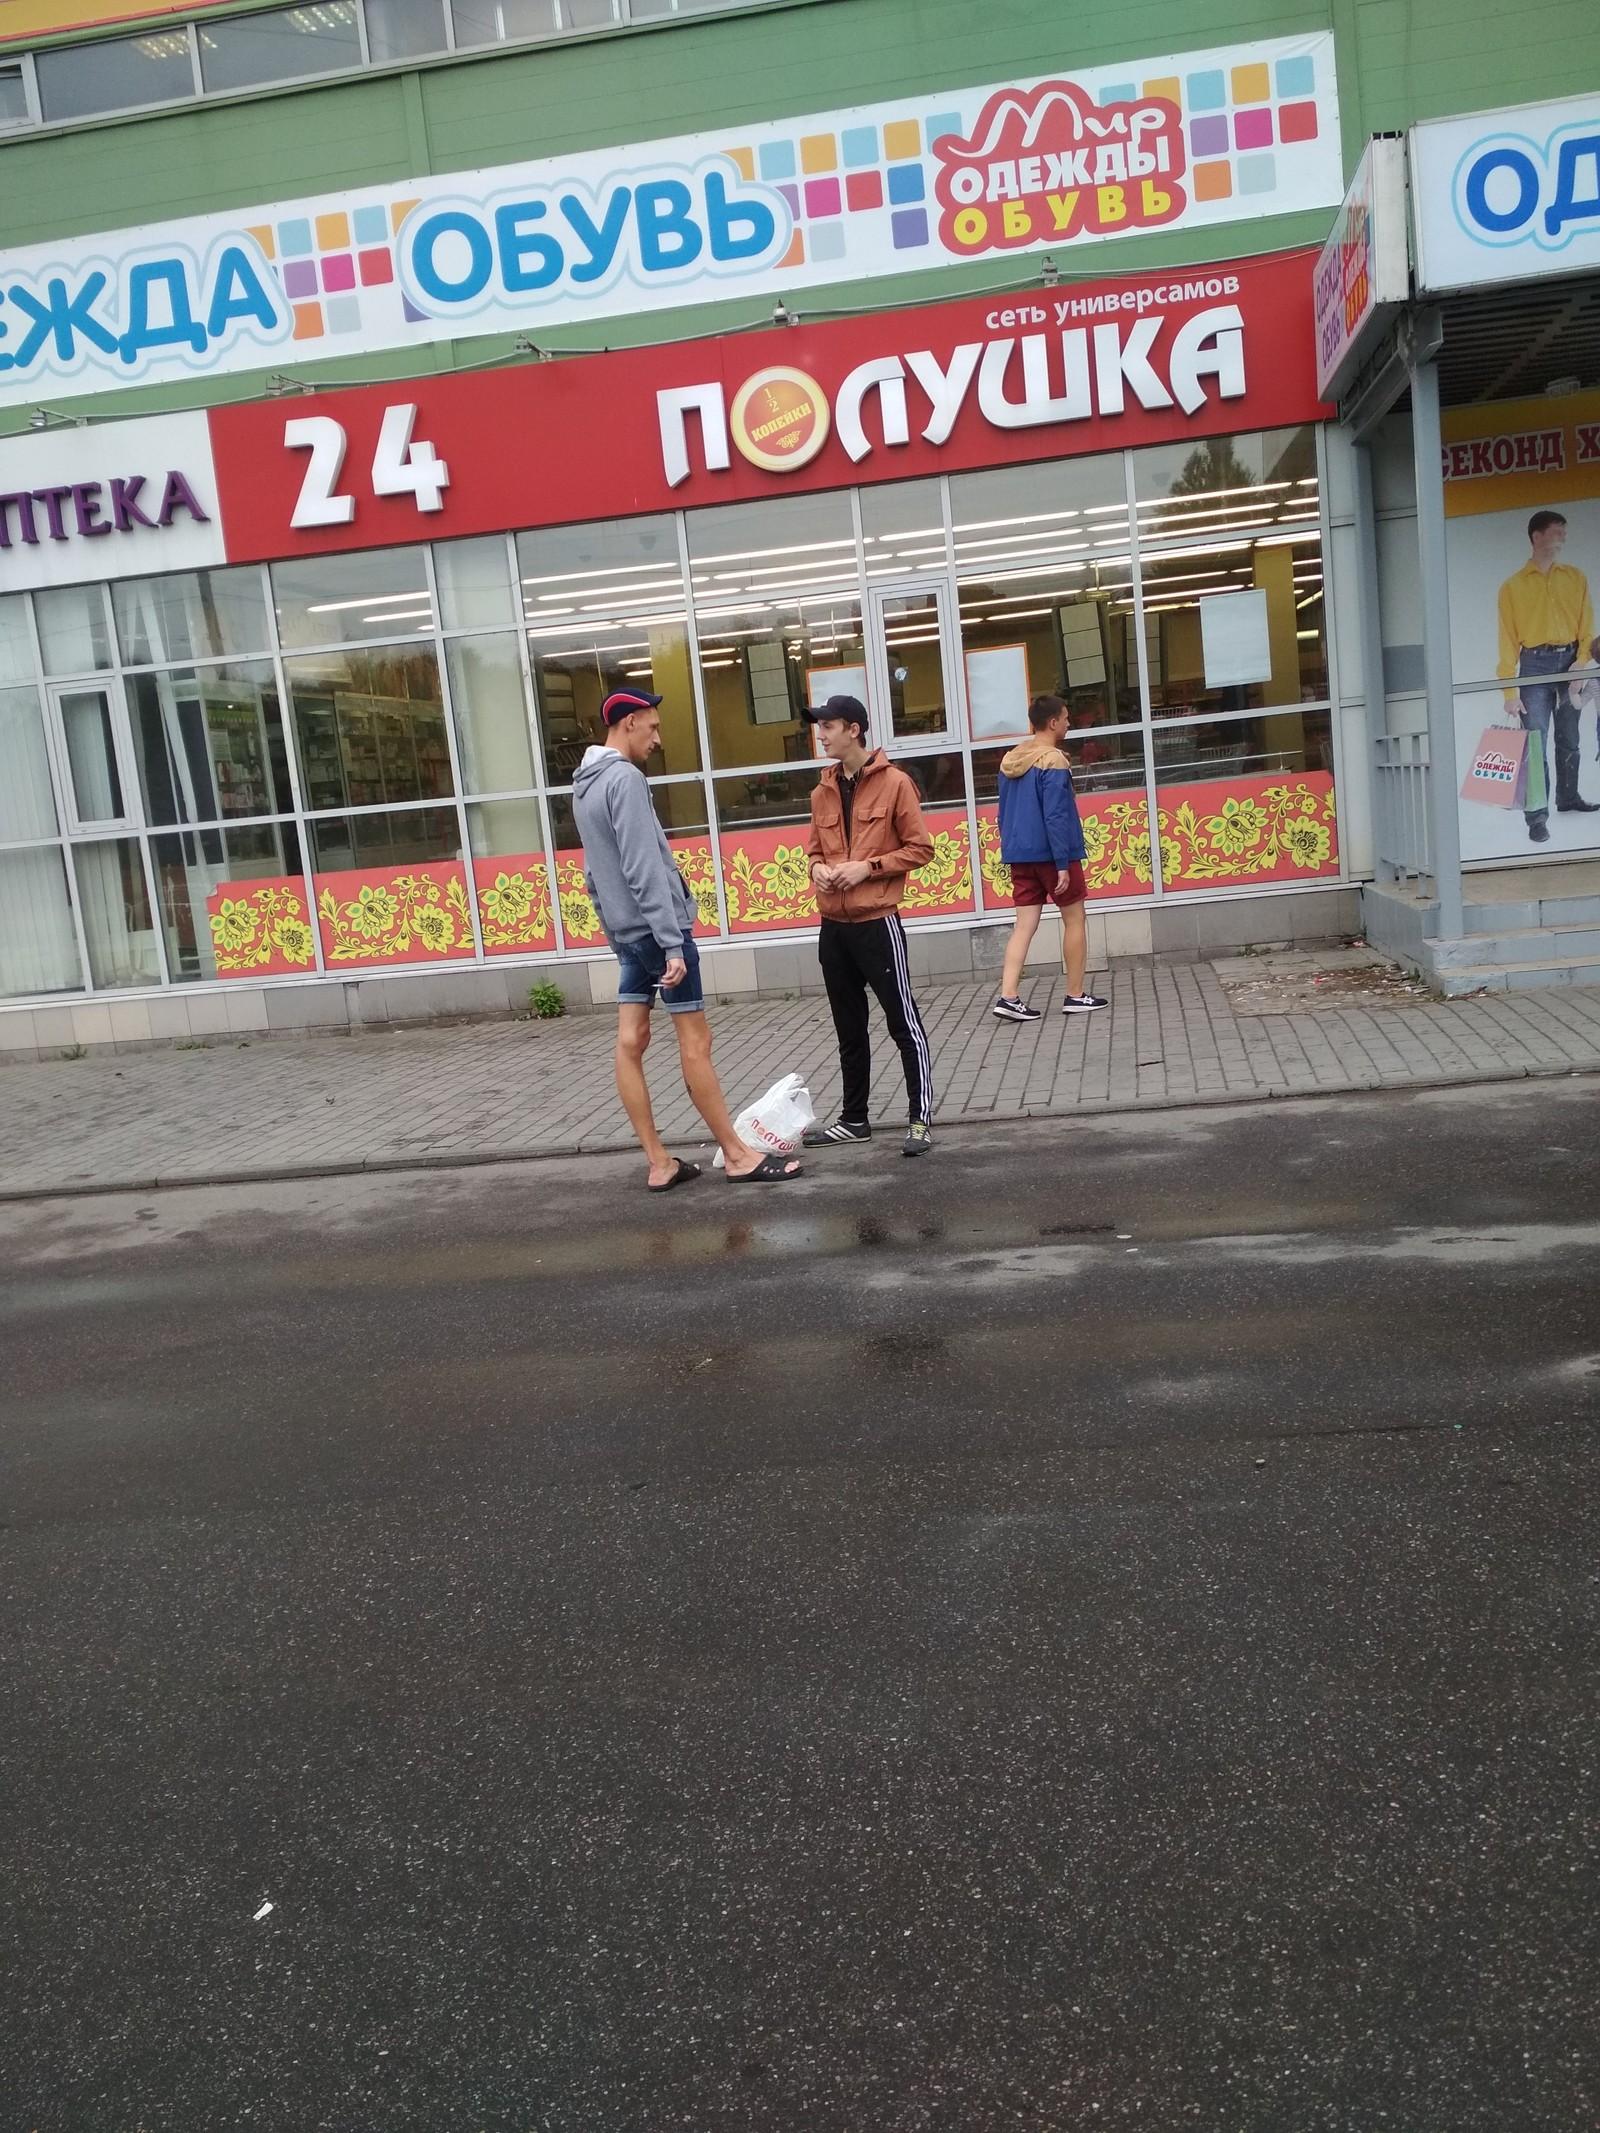 объявления знакомства луганск газеты